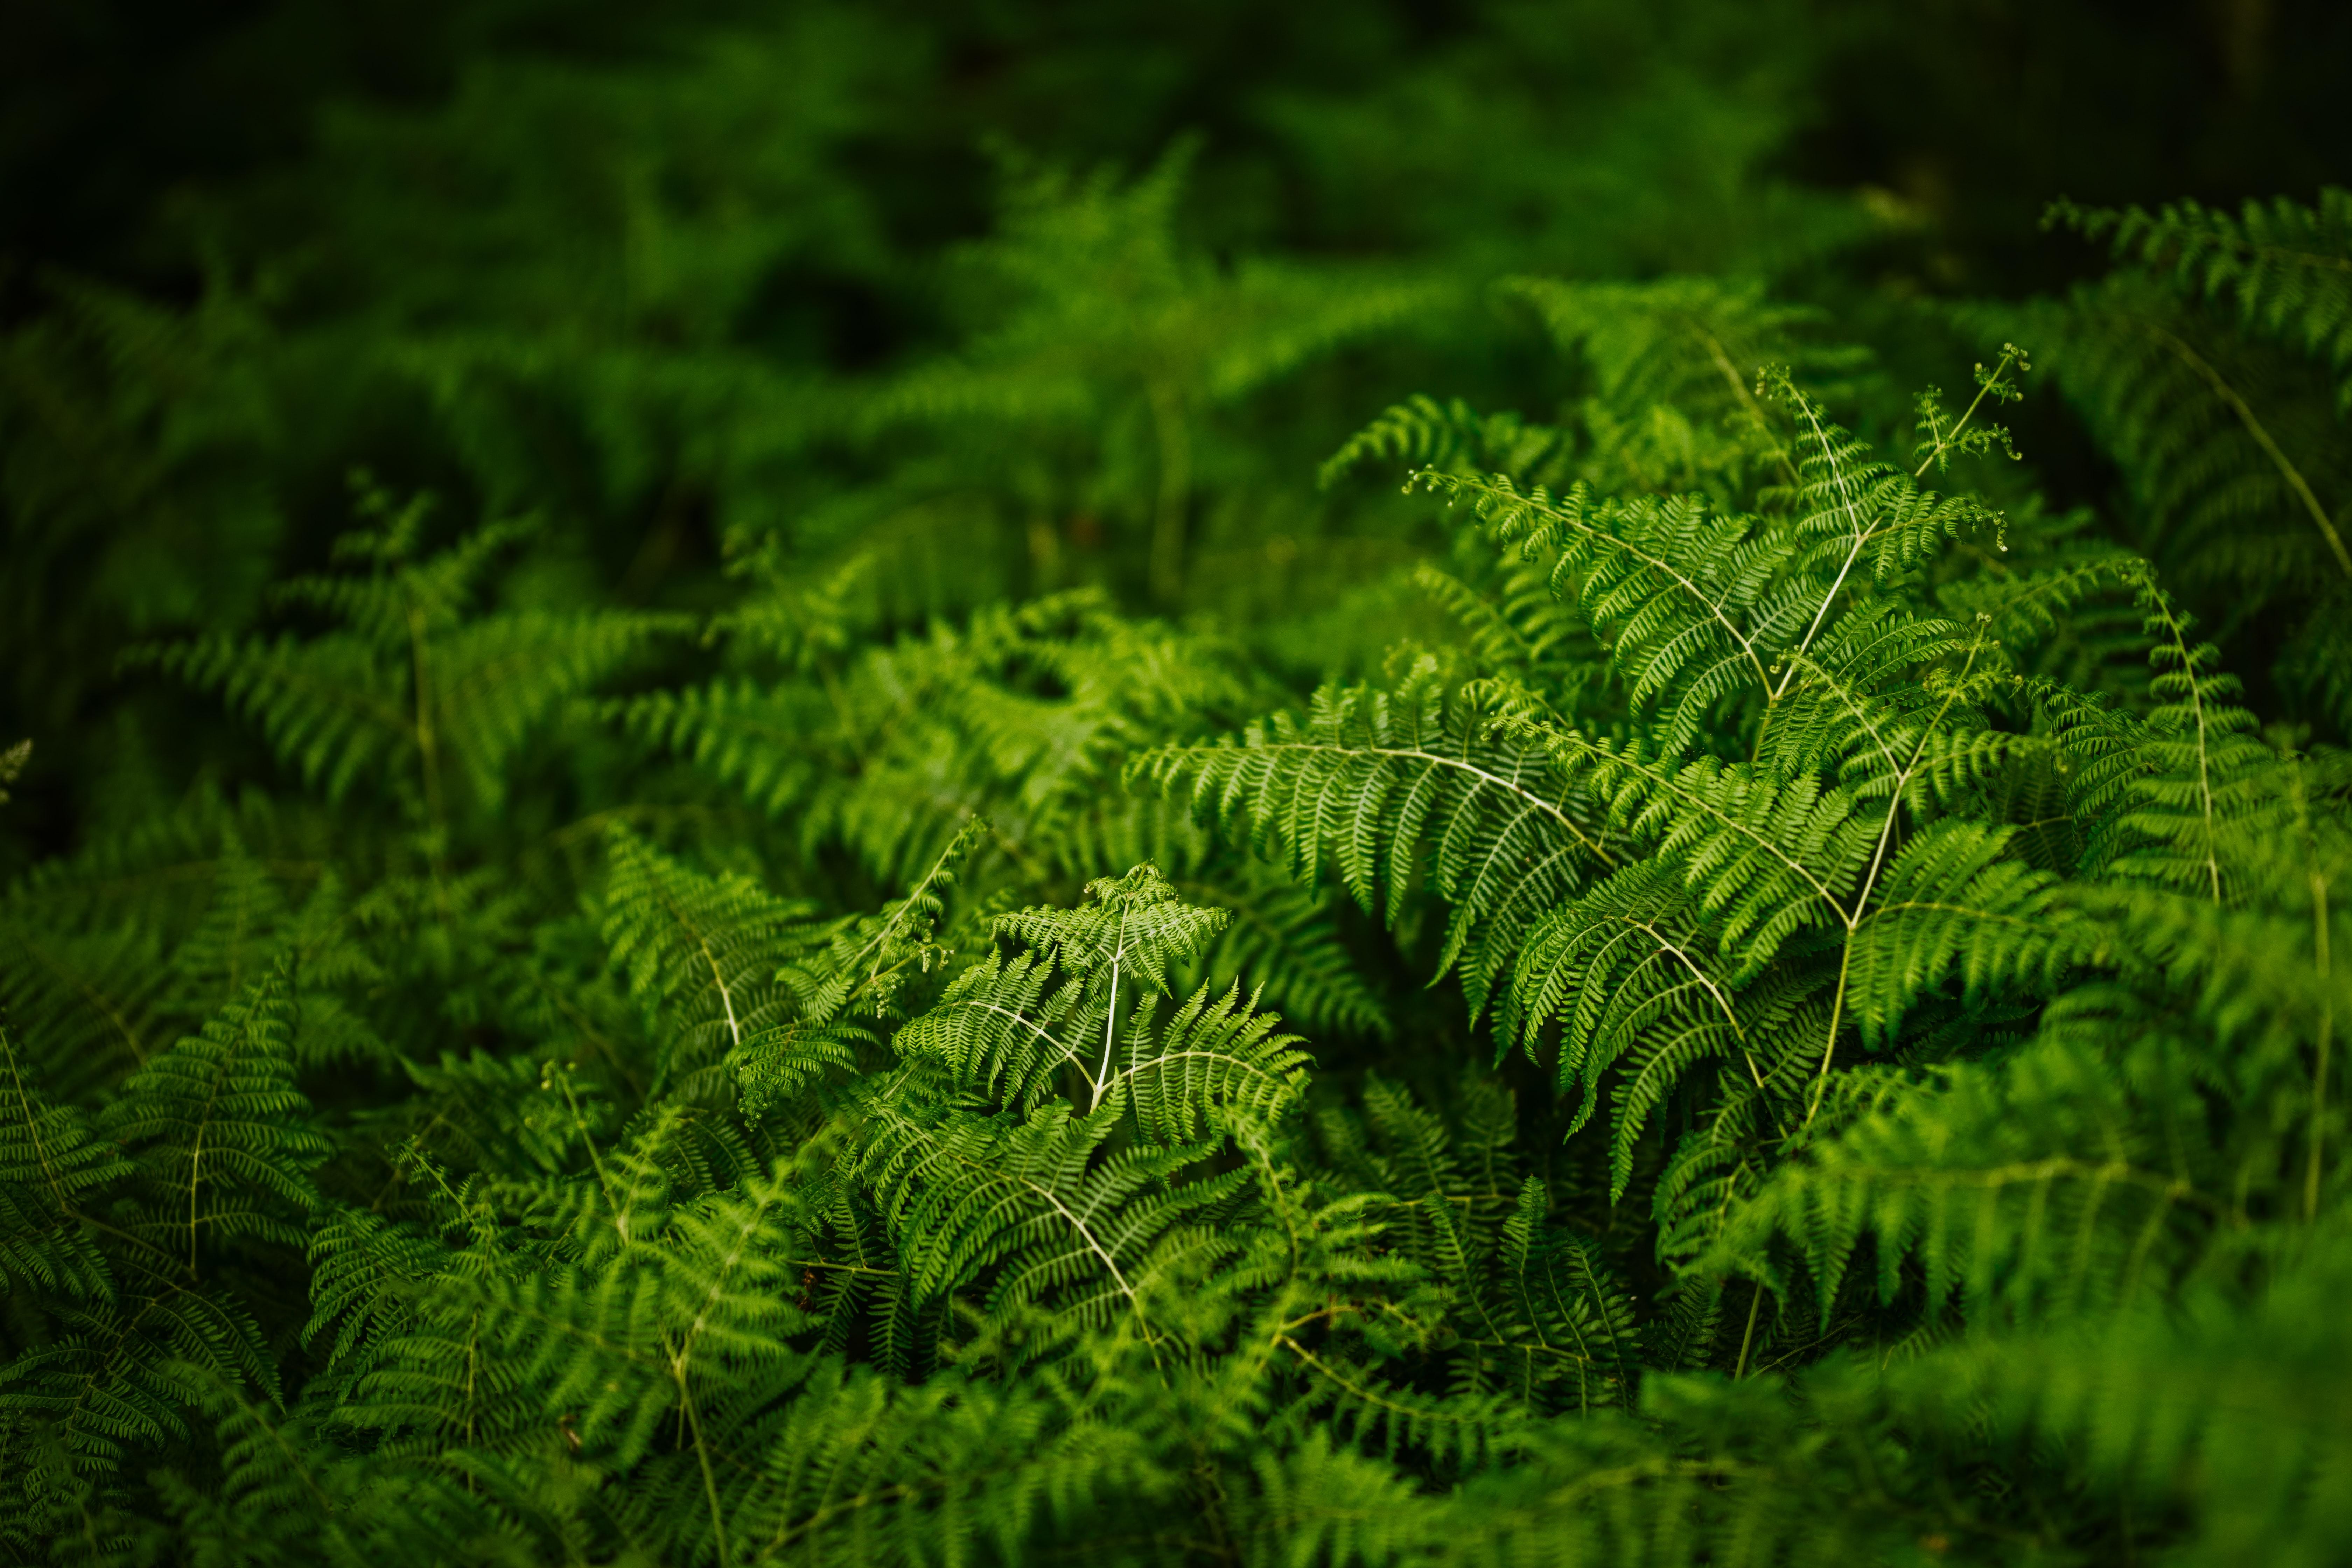 82176 скачать обои Растения, Природа, Папоротник, Зеленый - заставки и картинки бесплатно